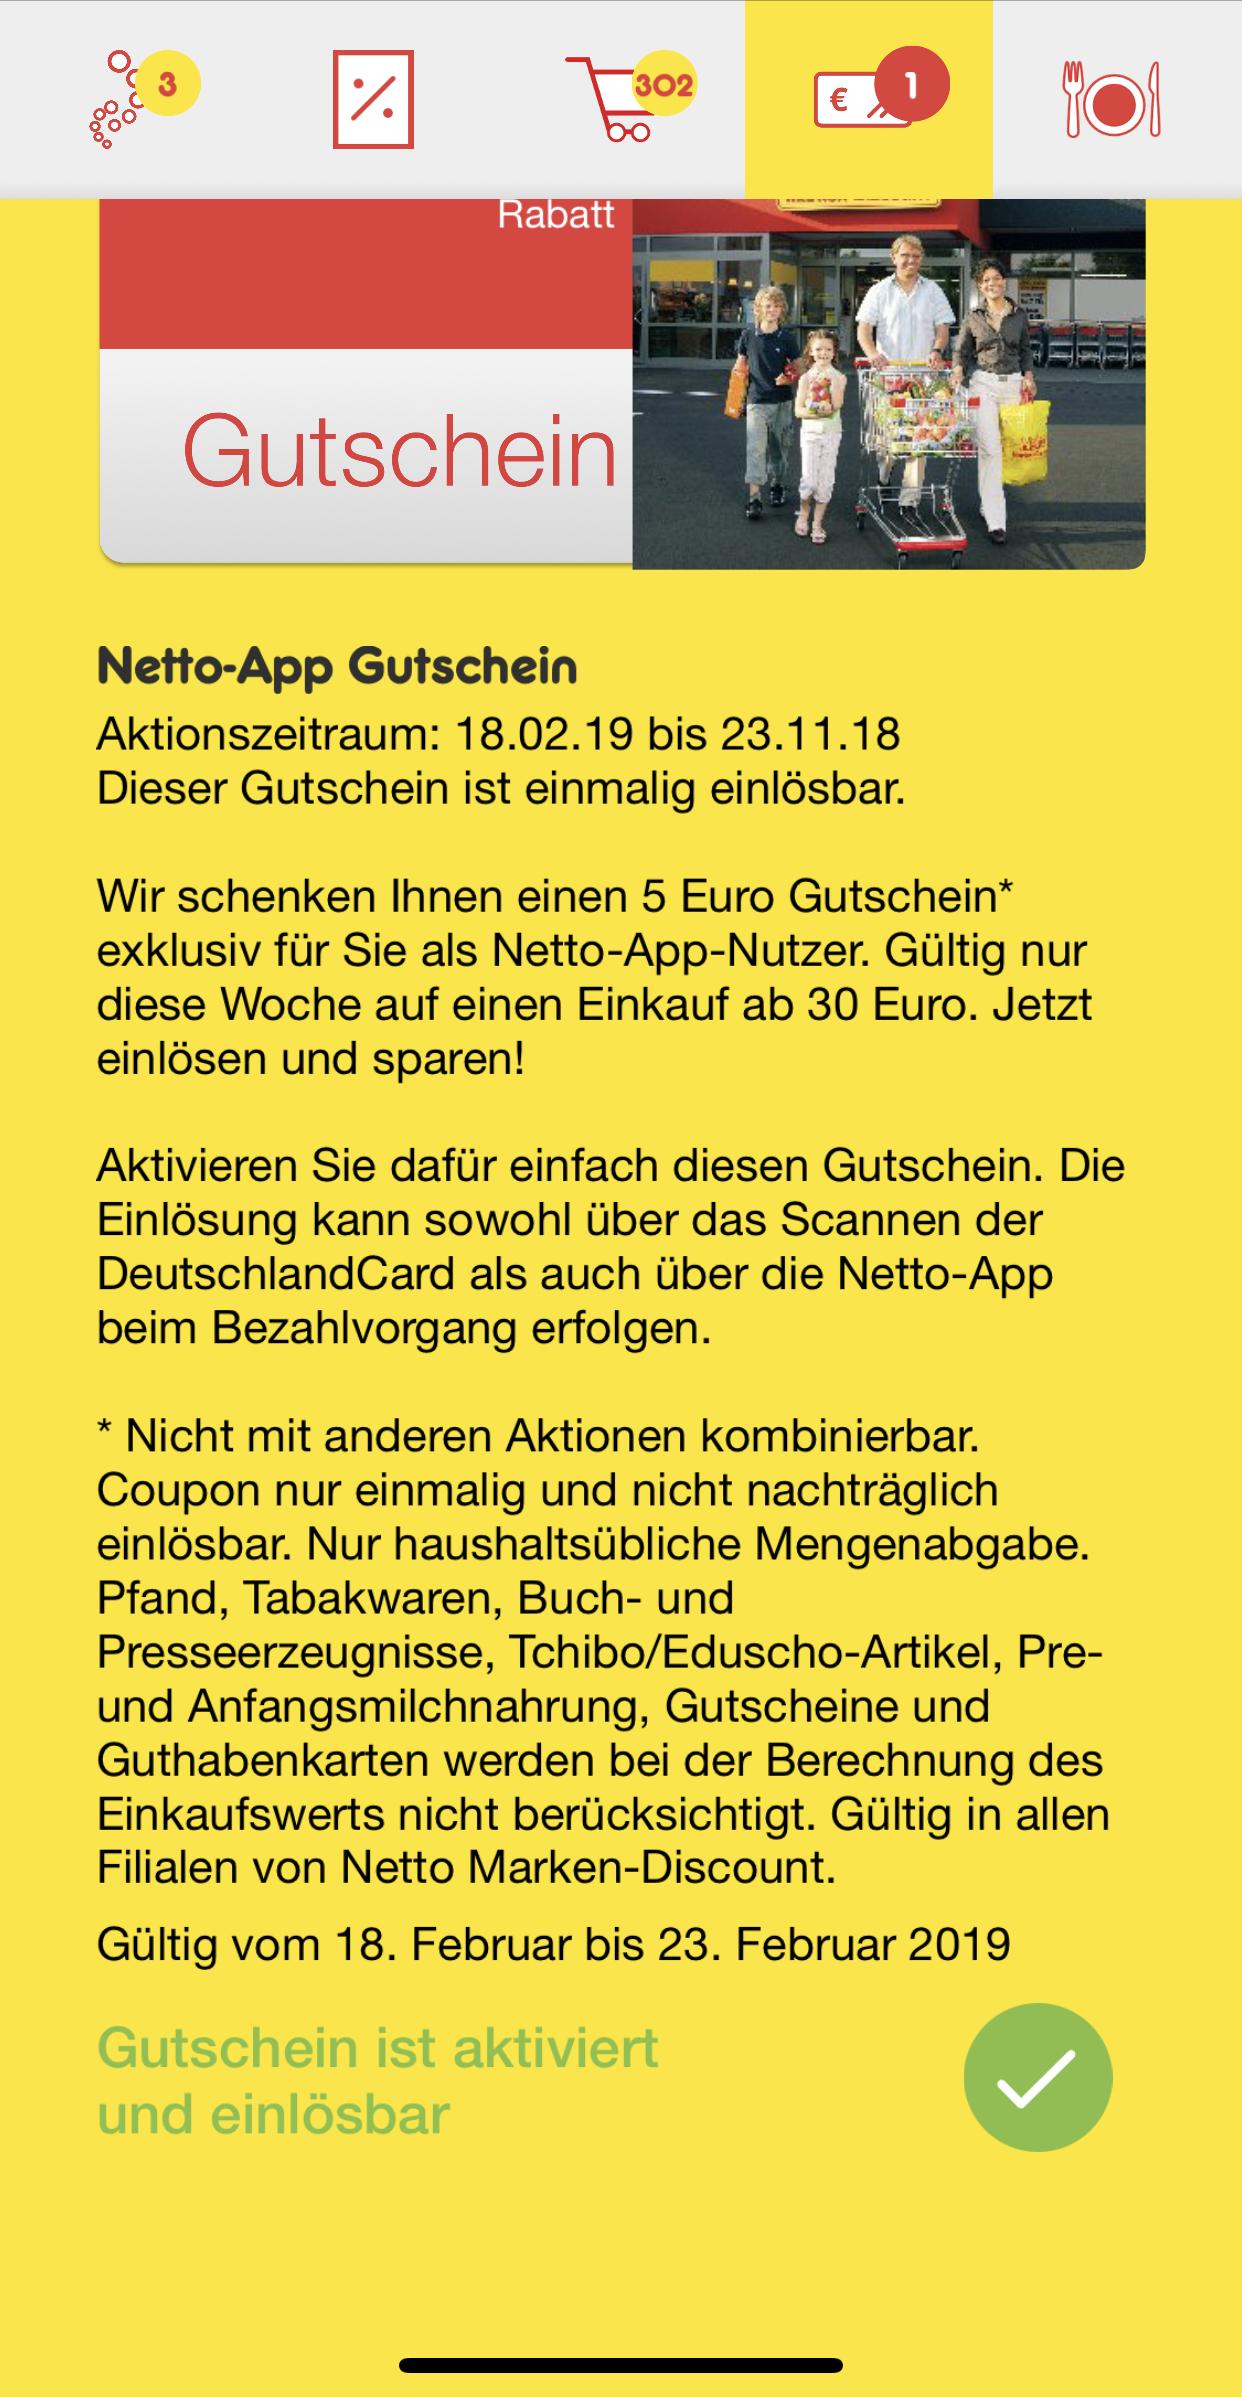 5€ Gutschein für Netto-App-Nutzer (MBW 30€) [Netto MD]